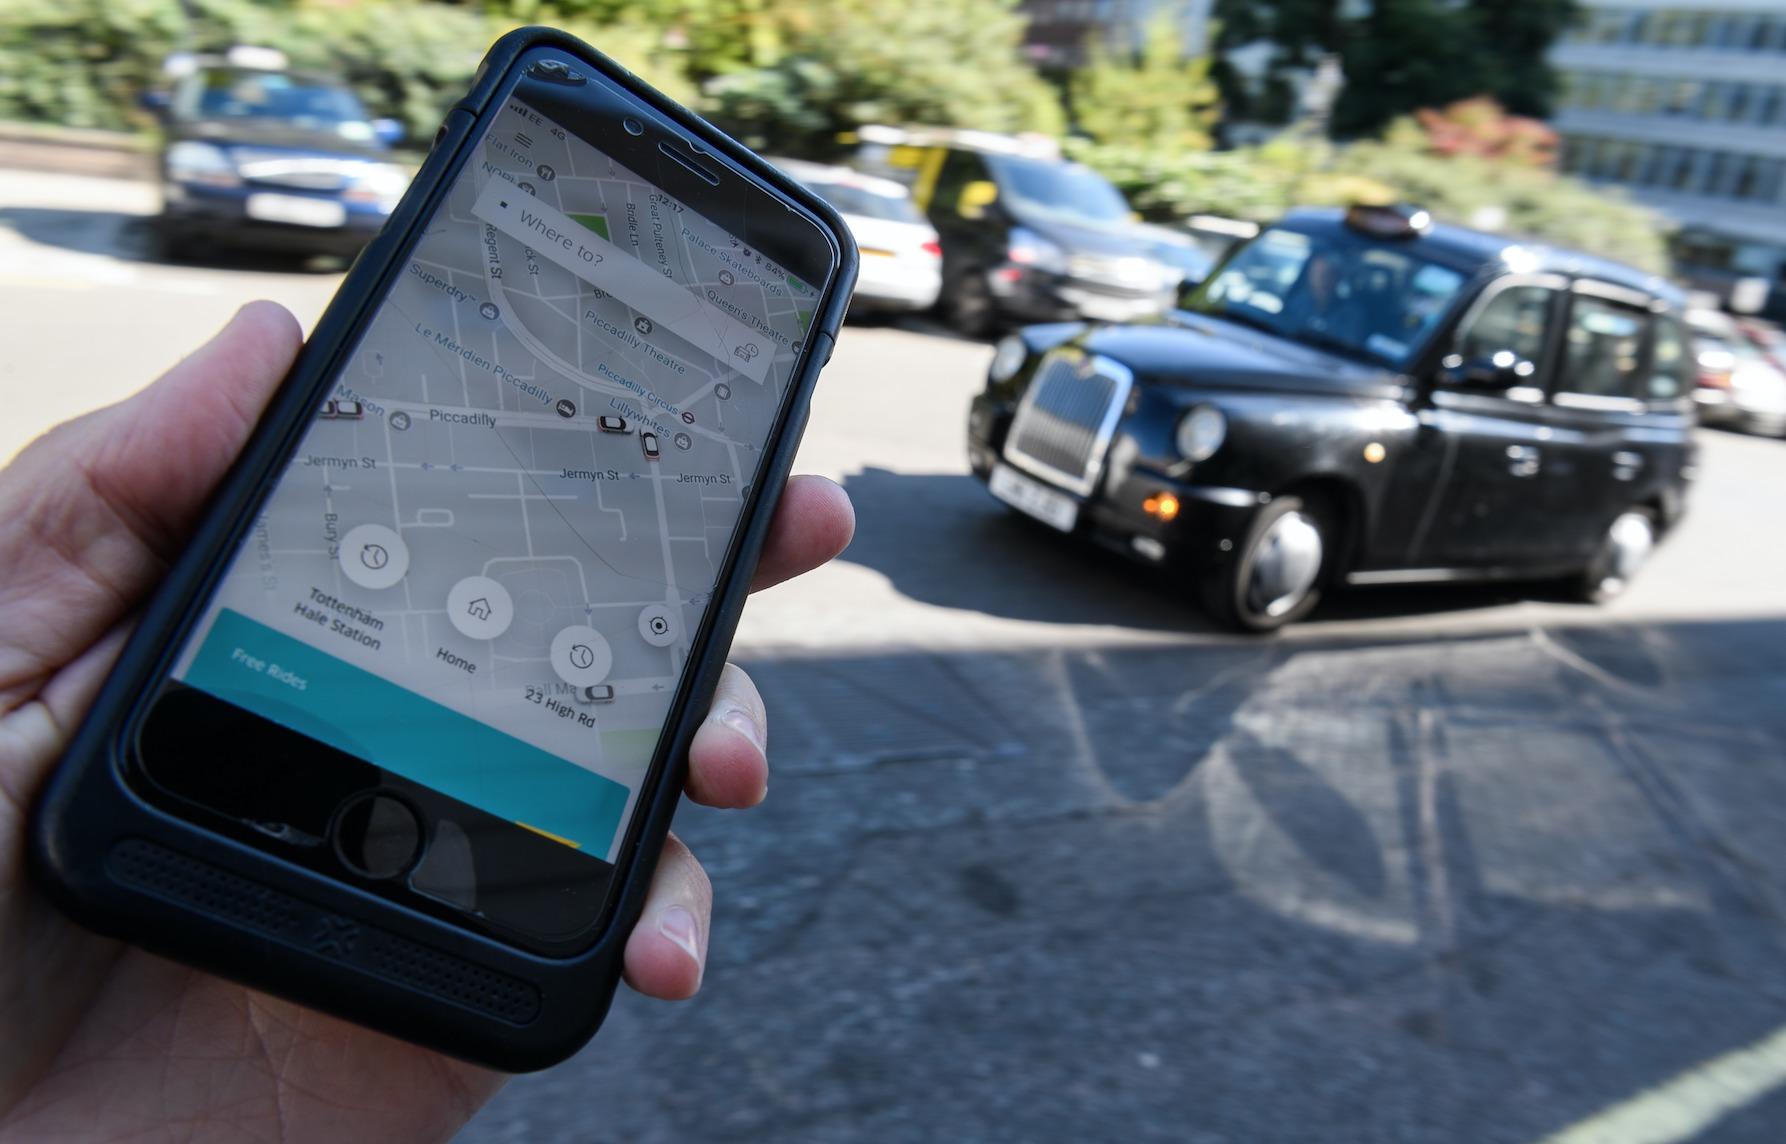 México: Uber, Cabify y similares deberán tener un taxímetro digital en tiempo real para que el usuario pueda verlo